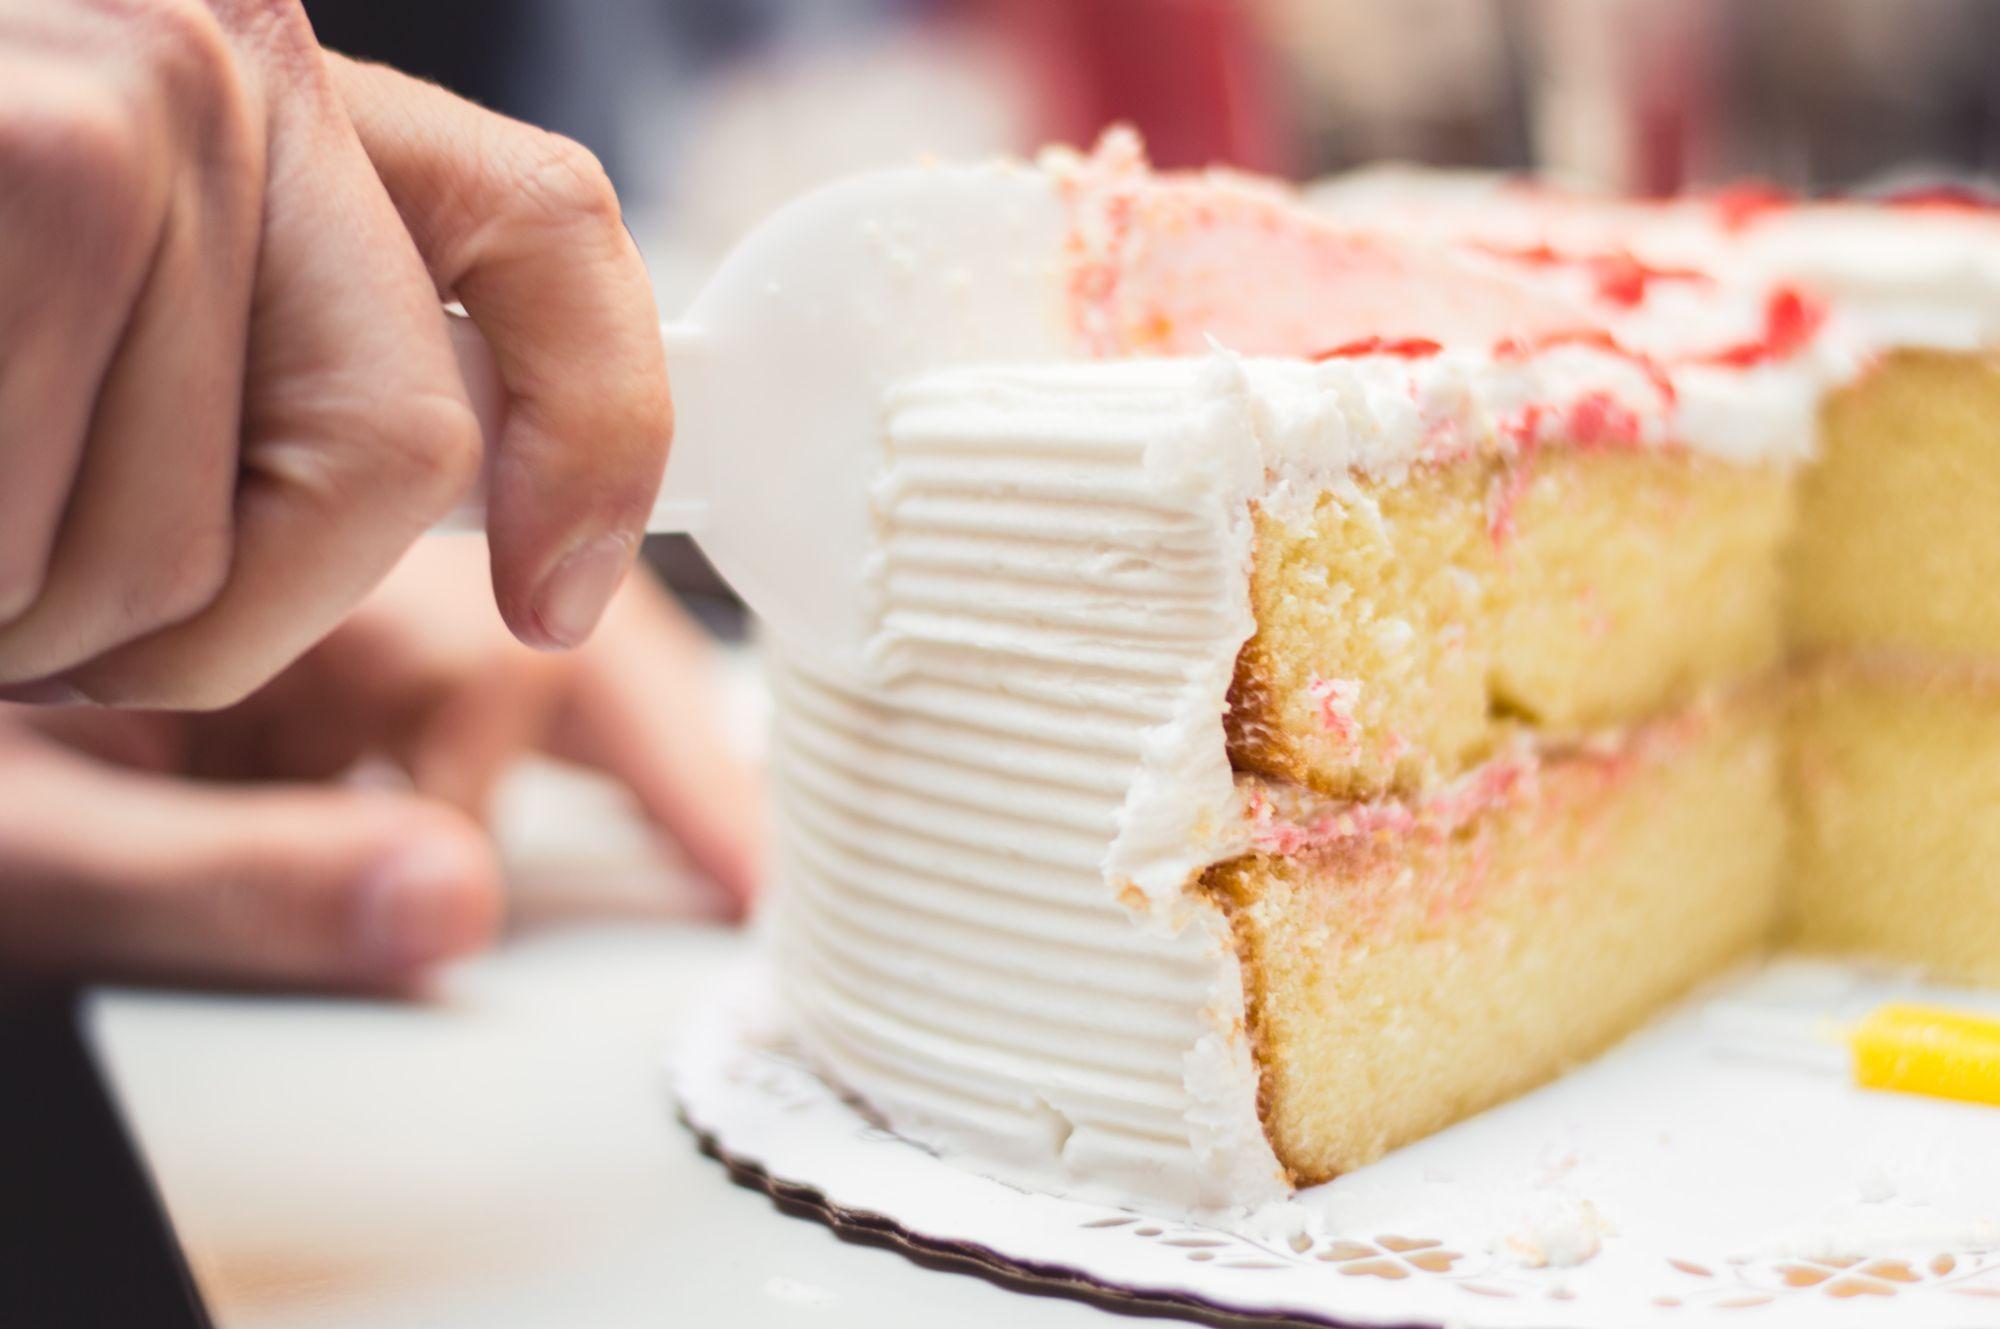 Zuccheri semplici, dolci e bevande zuccherate